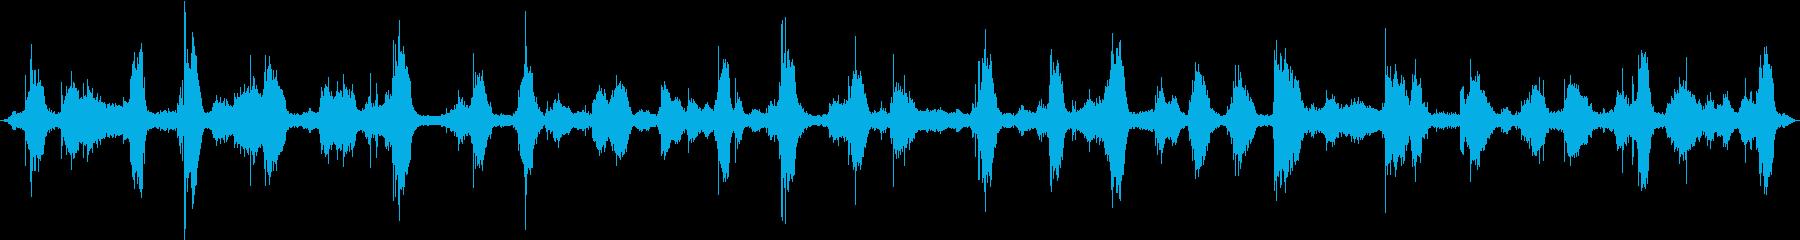 ザバーン(冬の海の音)の再生済みの波形